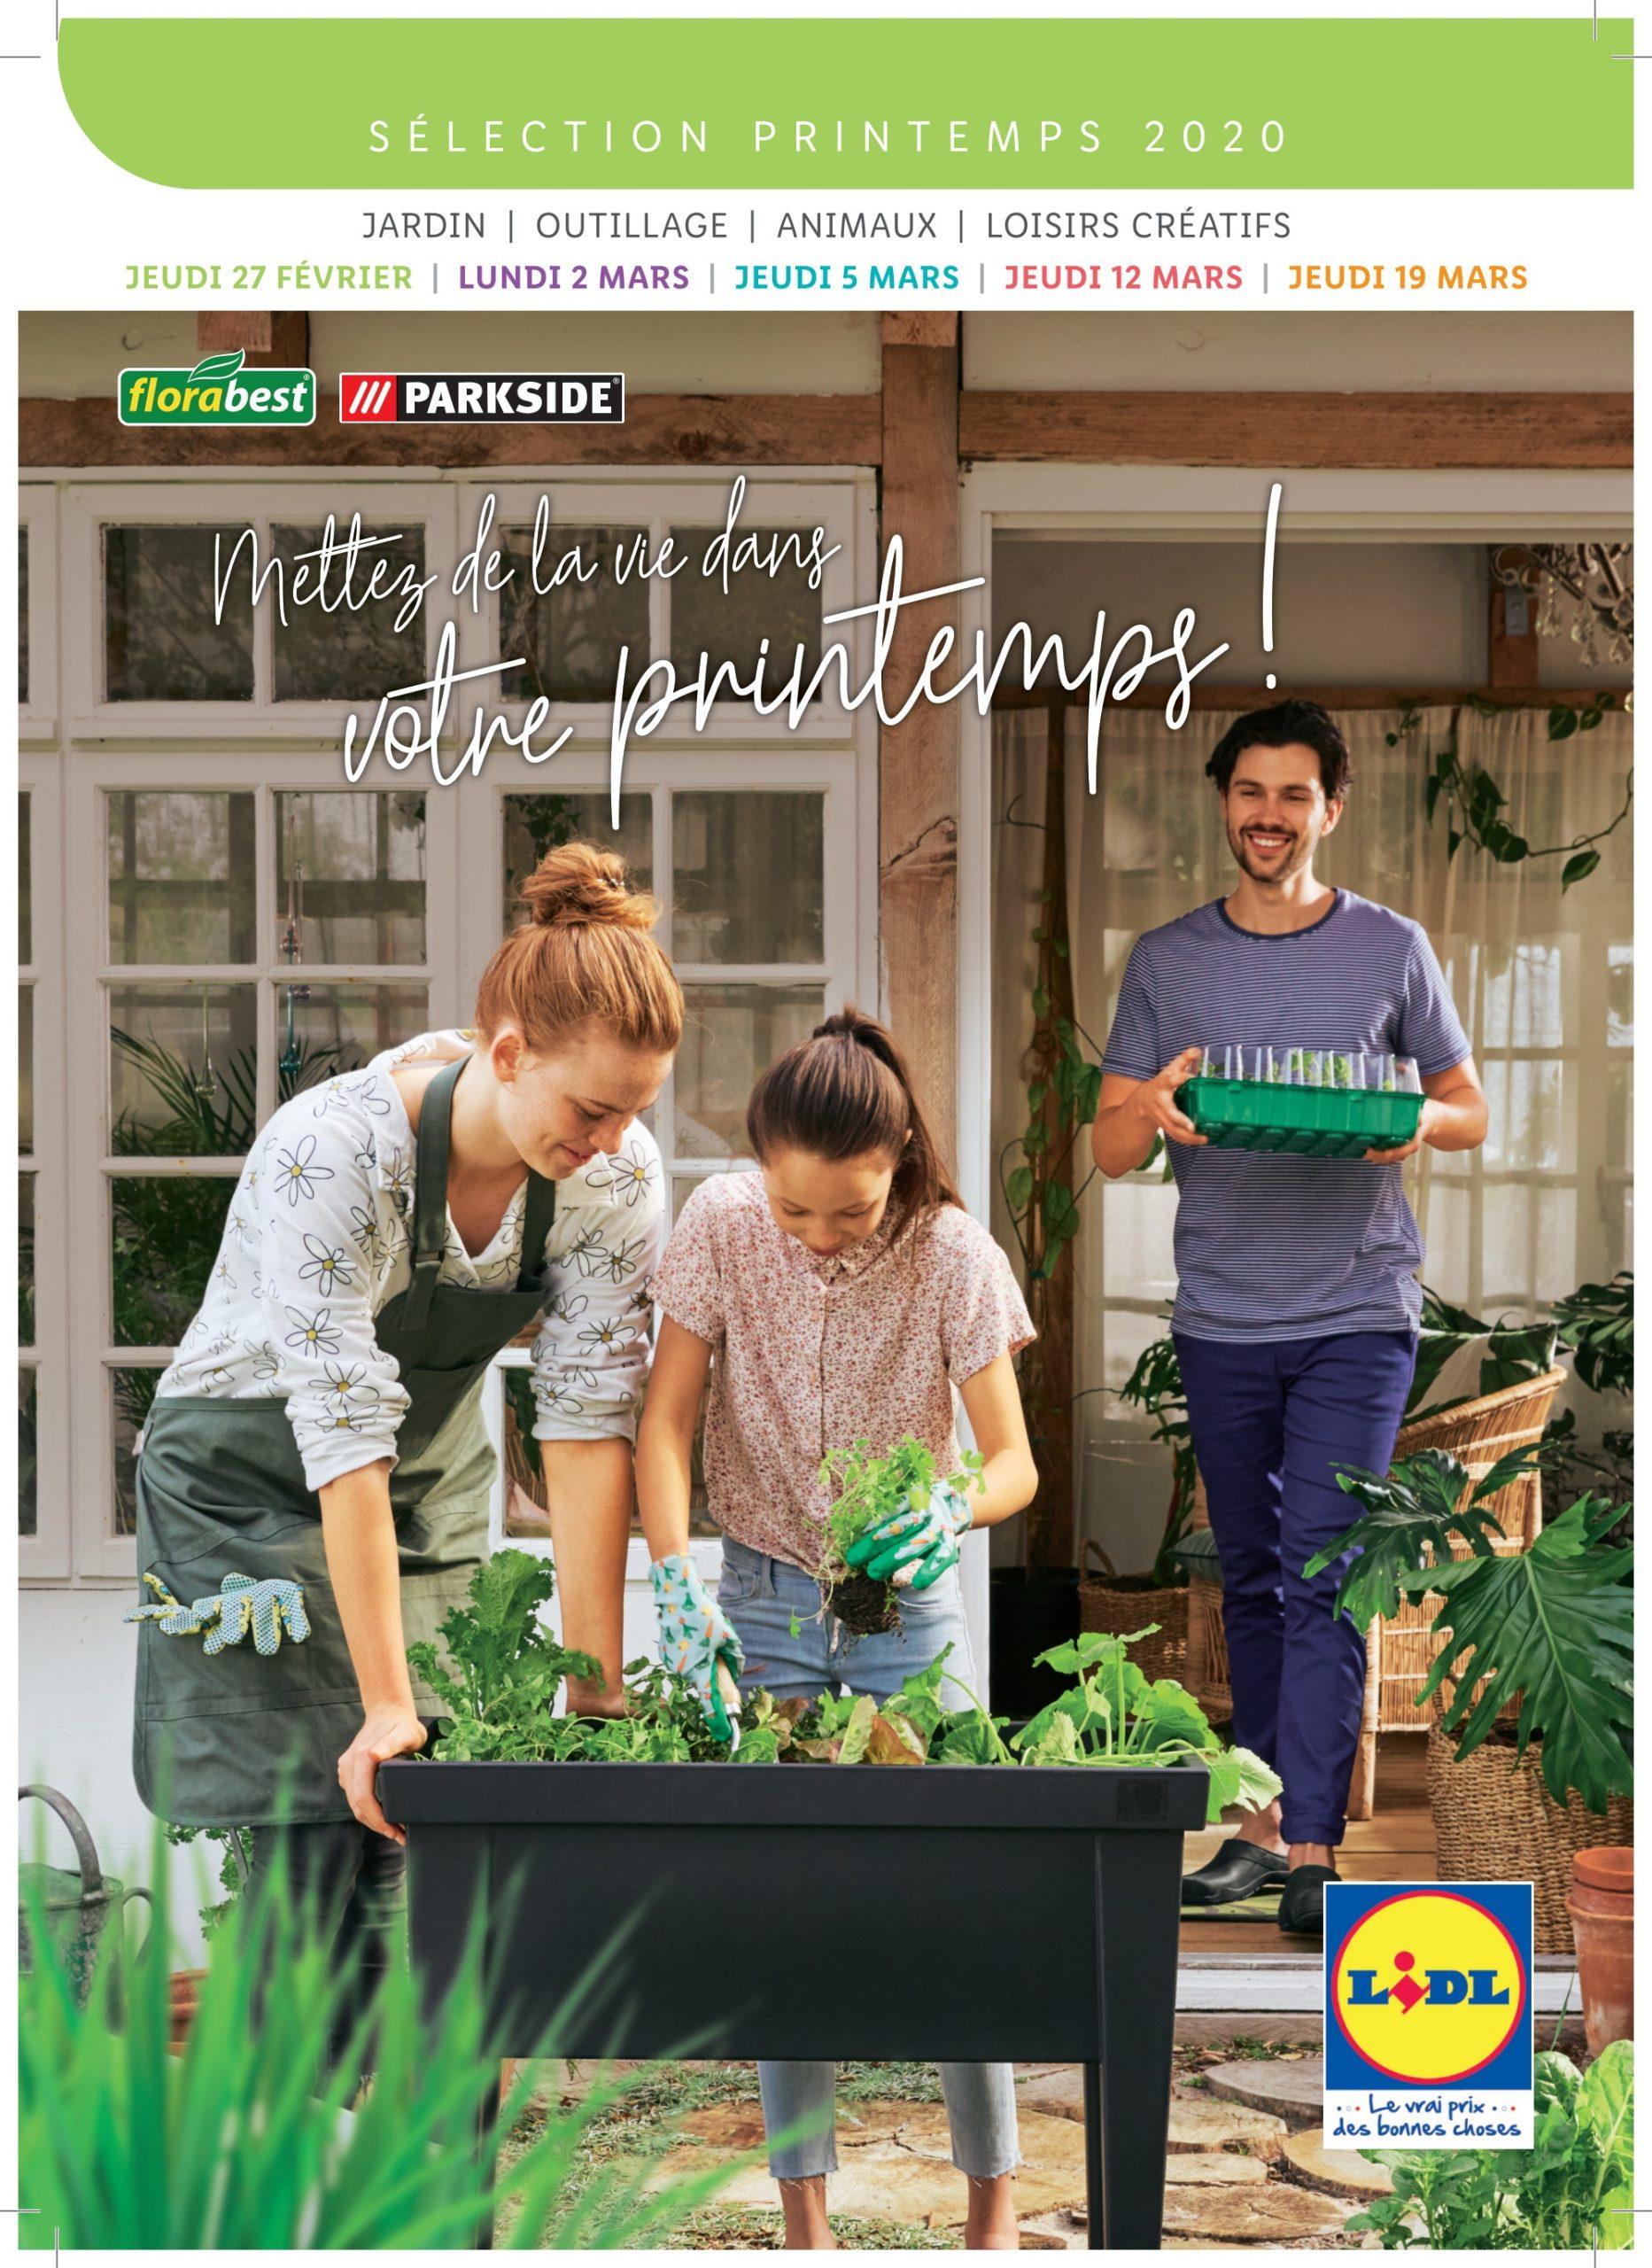 Lidl Catalogues – Articles En Promotion - 27/02/2020 - 19/03 ... destiné Serre De Jardin Florabest